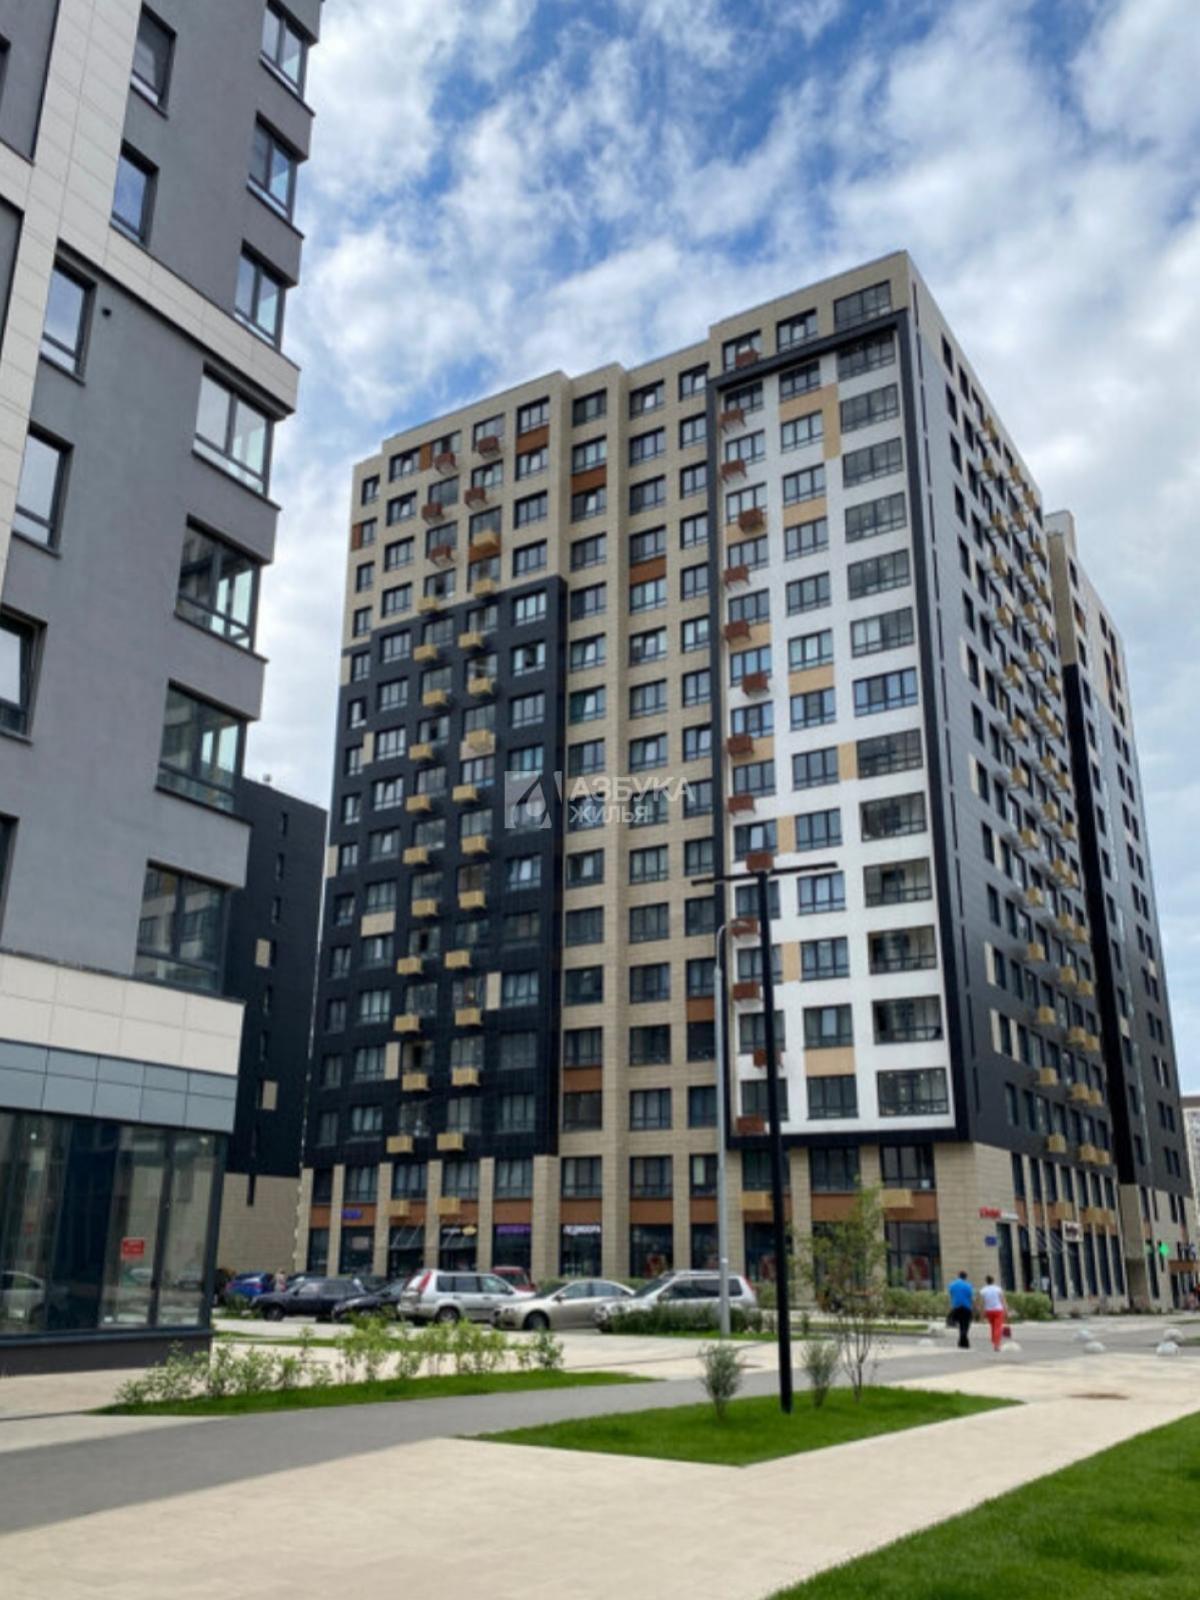 Фото №4 - 1-комнатная квартира, Москва, поселок Коммунарка, Александры Монаховой улица 43 корпус 1, метро Коммунарка